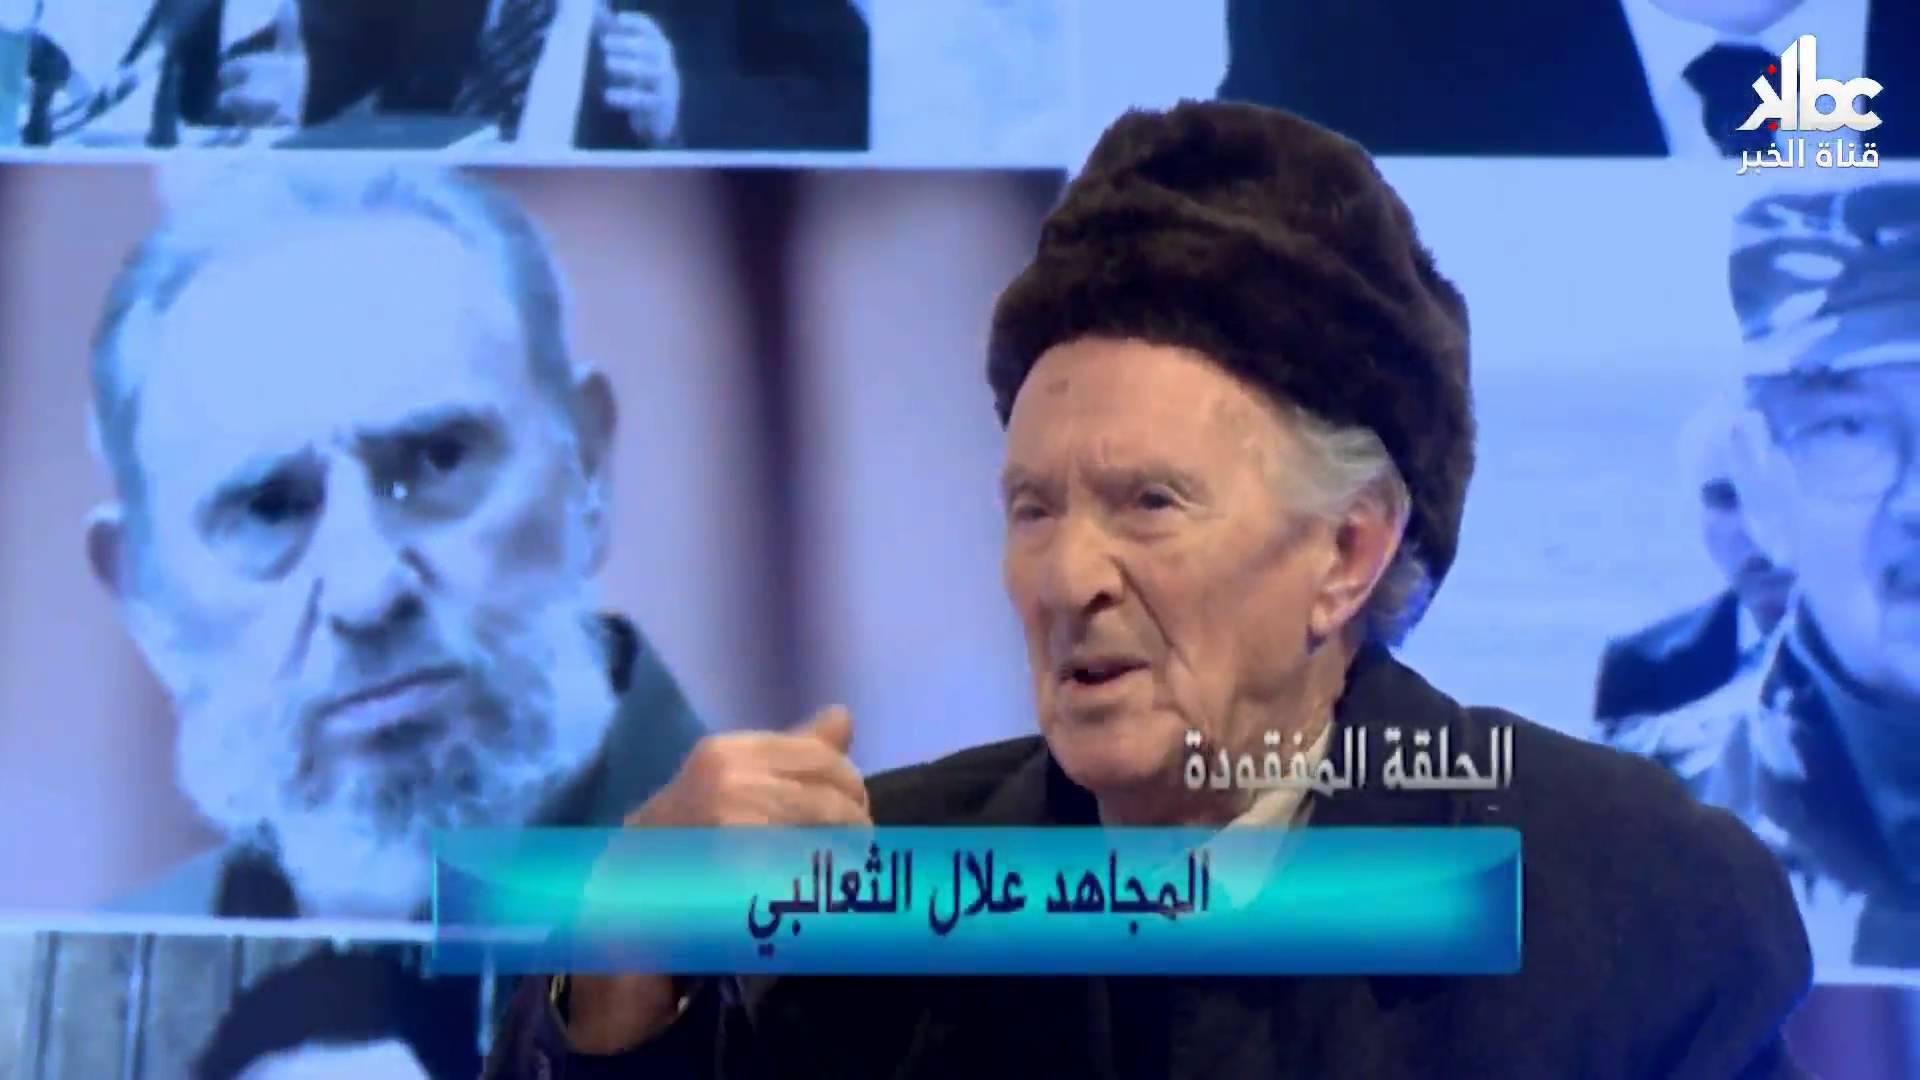 اغتيال بوضياف في برنامج تلفزيوني بالجزائر